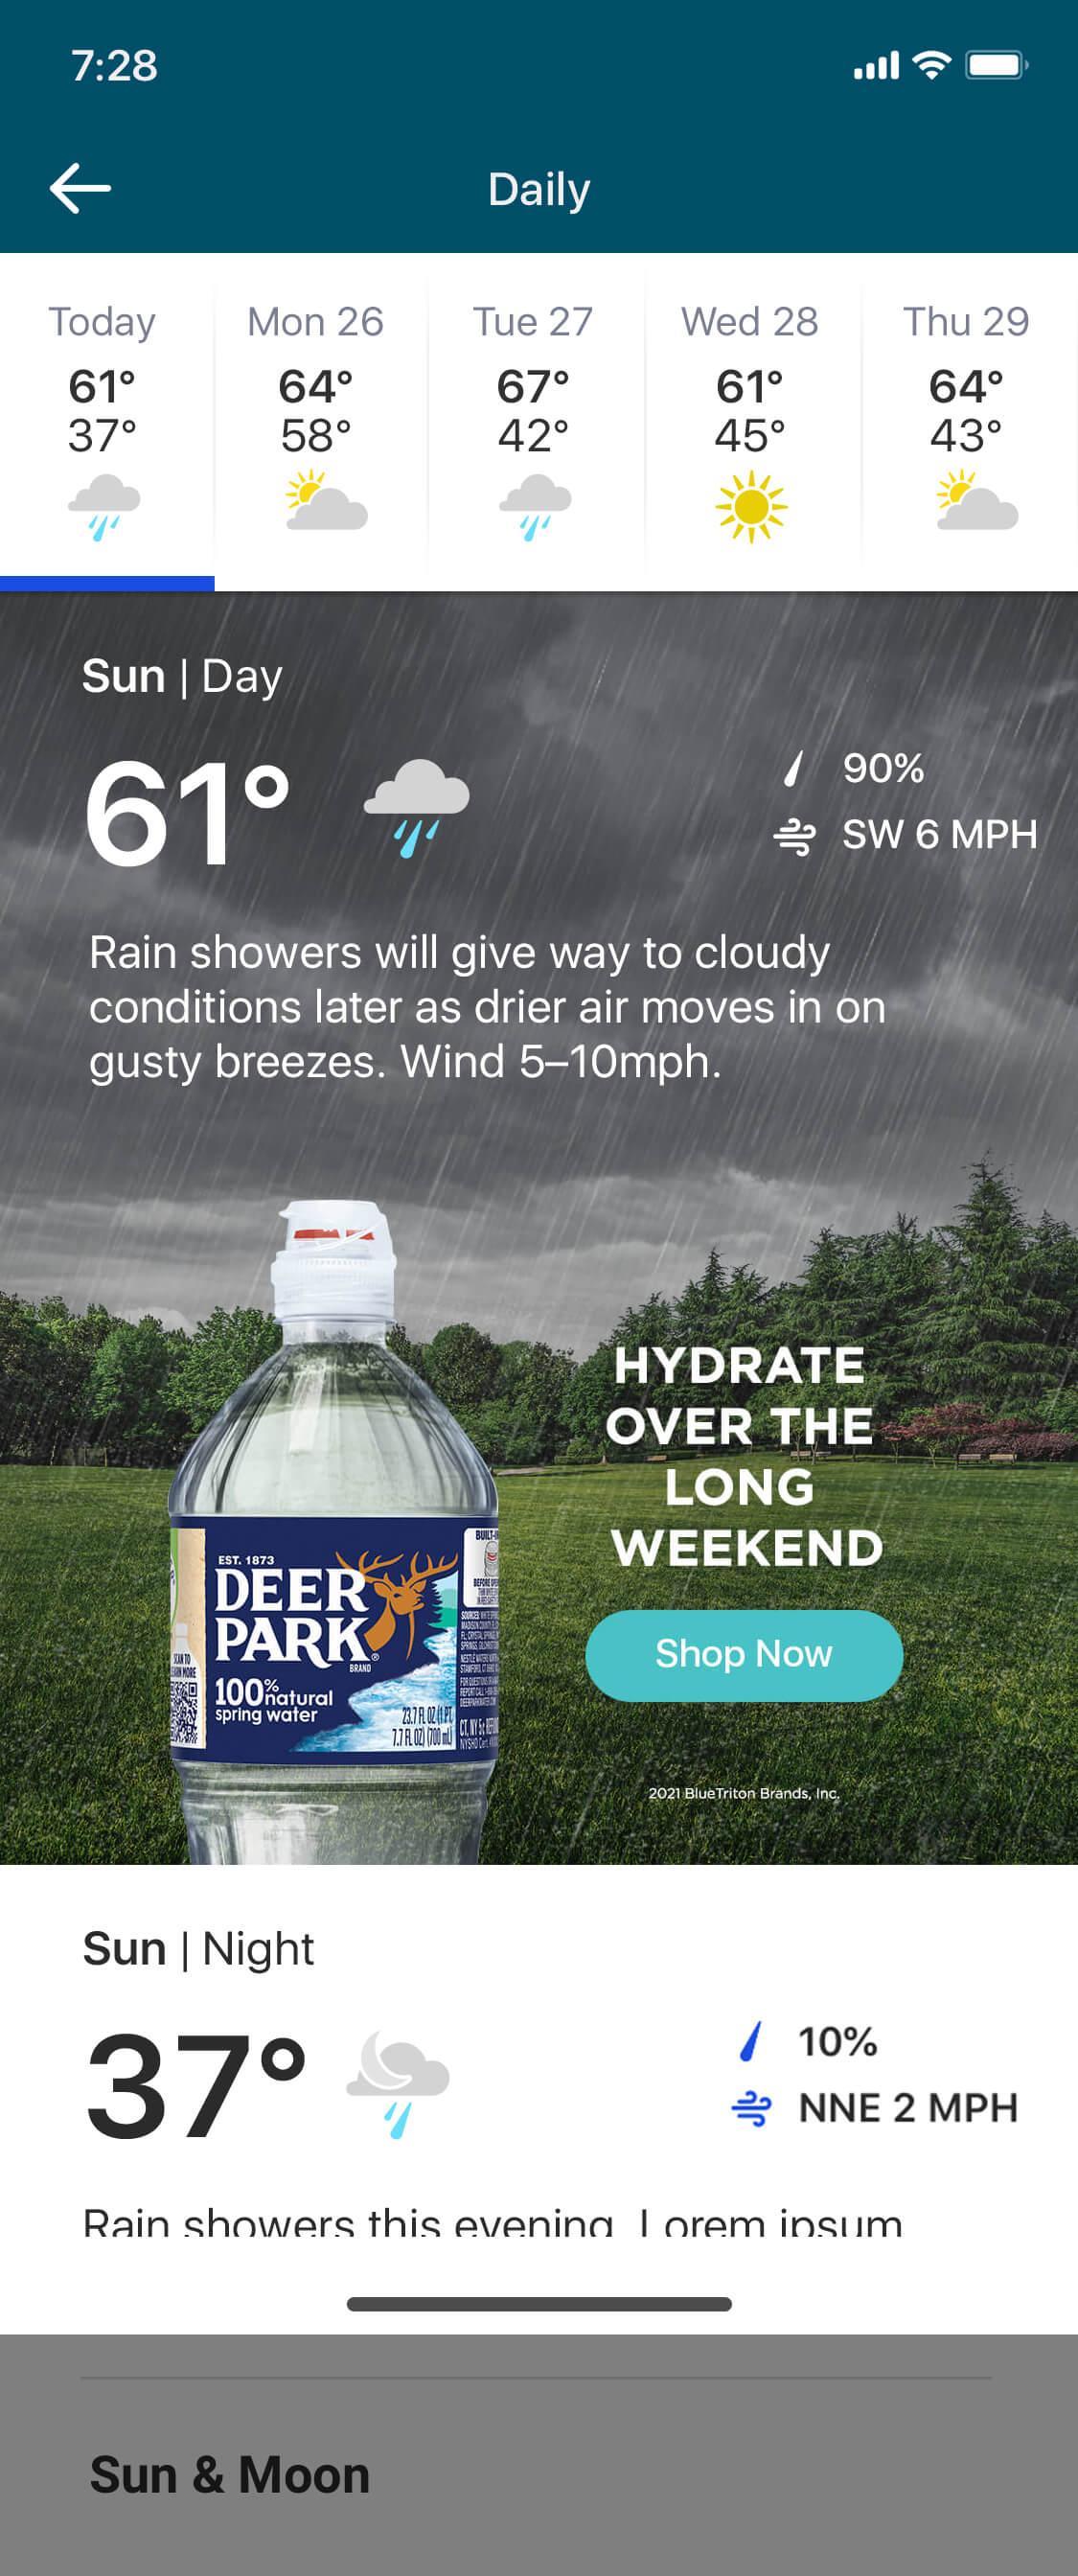 DP-Blue_Triton-Labor-Day-week_ahead-rain-d